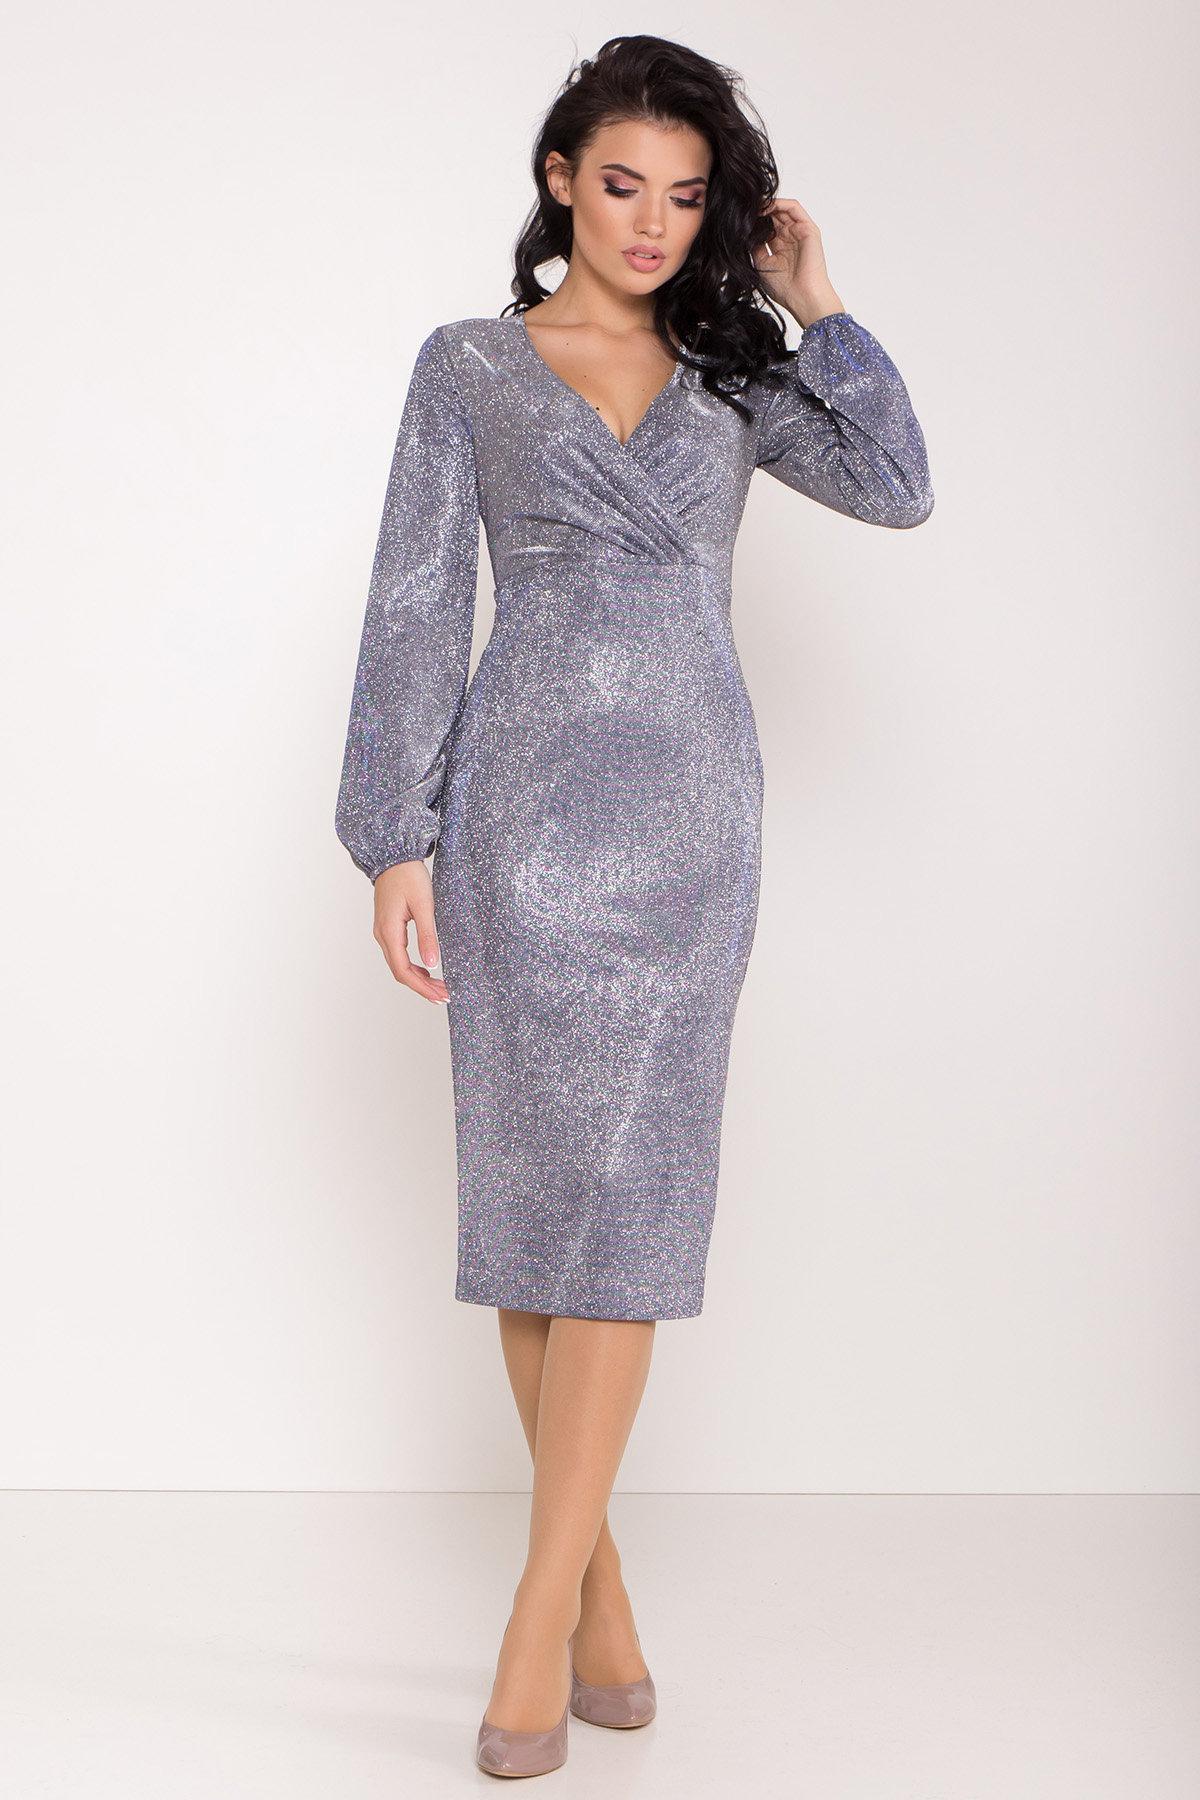 Нарядное платье с люрексом Фаселис 8527 АРТ. 44848 Цвет: Серебро/электрик - фото 1, интернет магазин tm-modus.ru